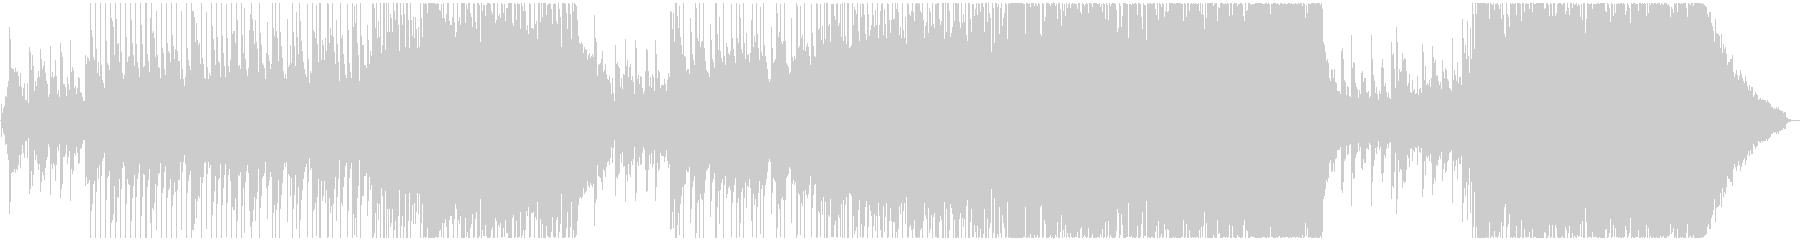 壮大で感動的なストリングスバラードBGMの未再生の波形